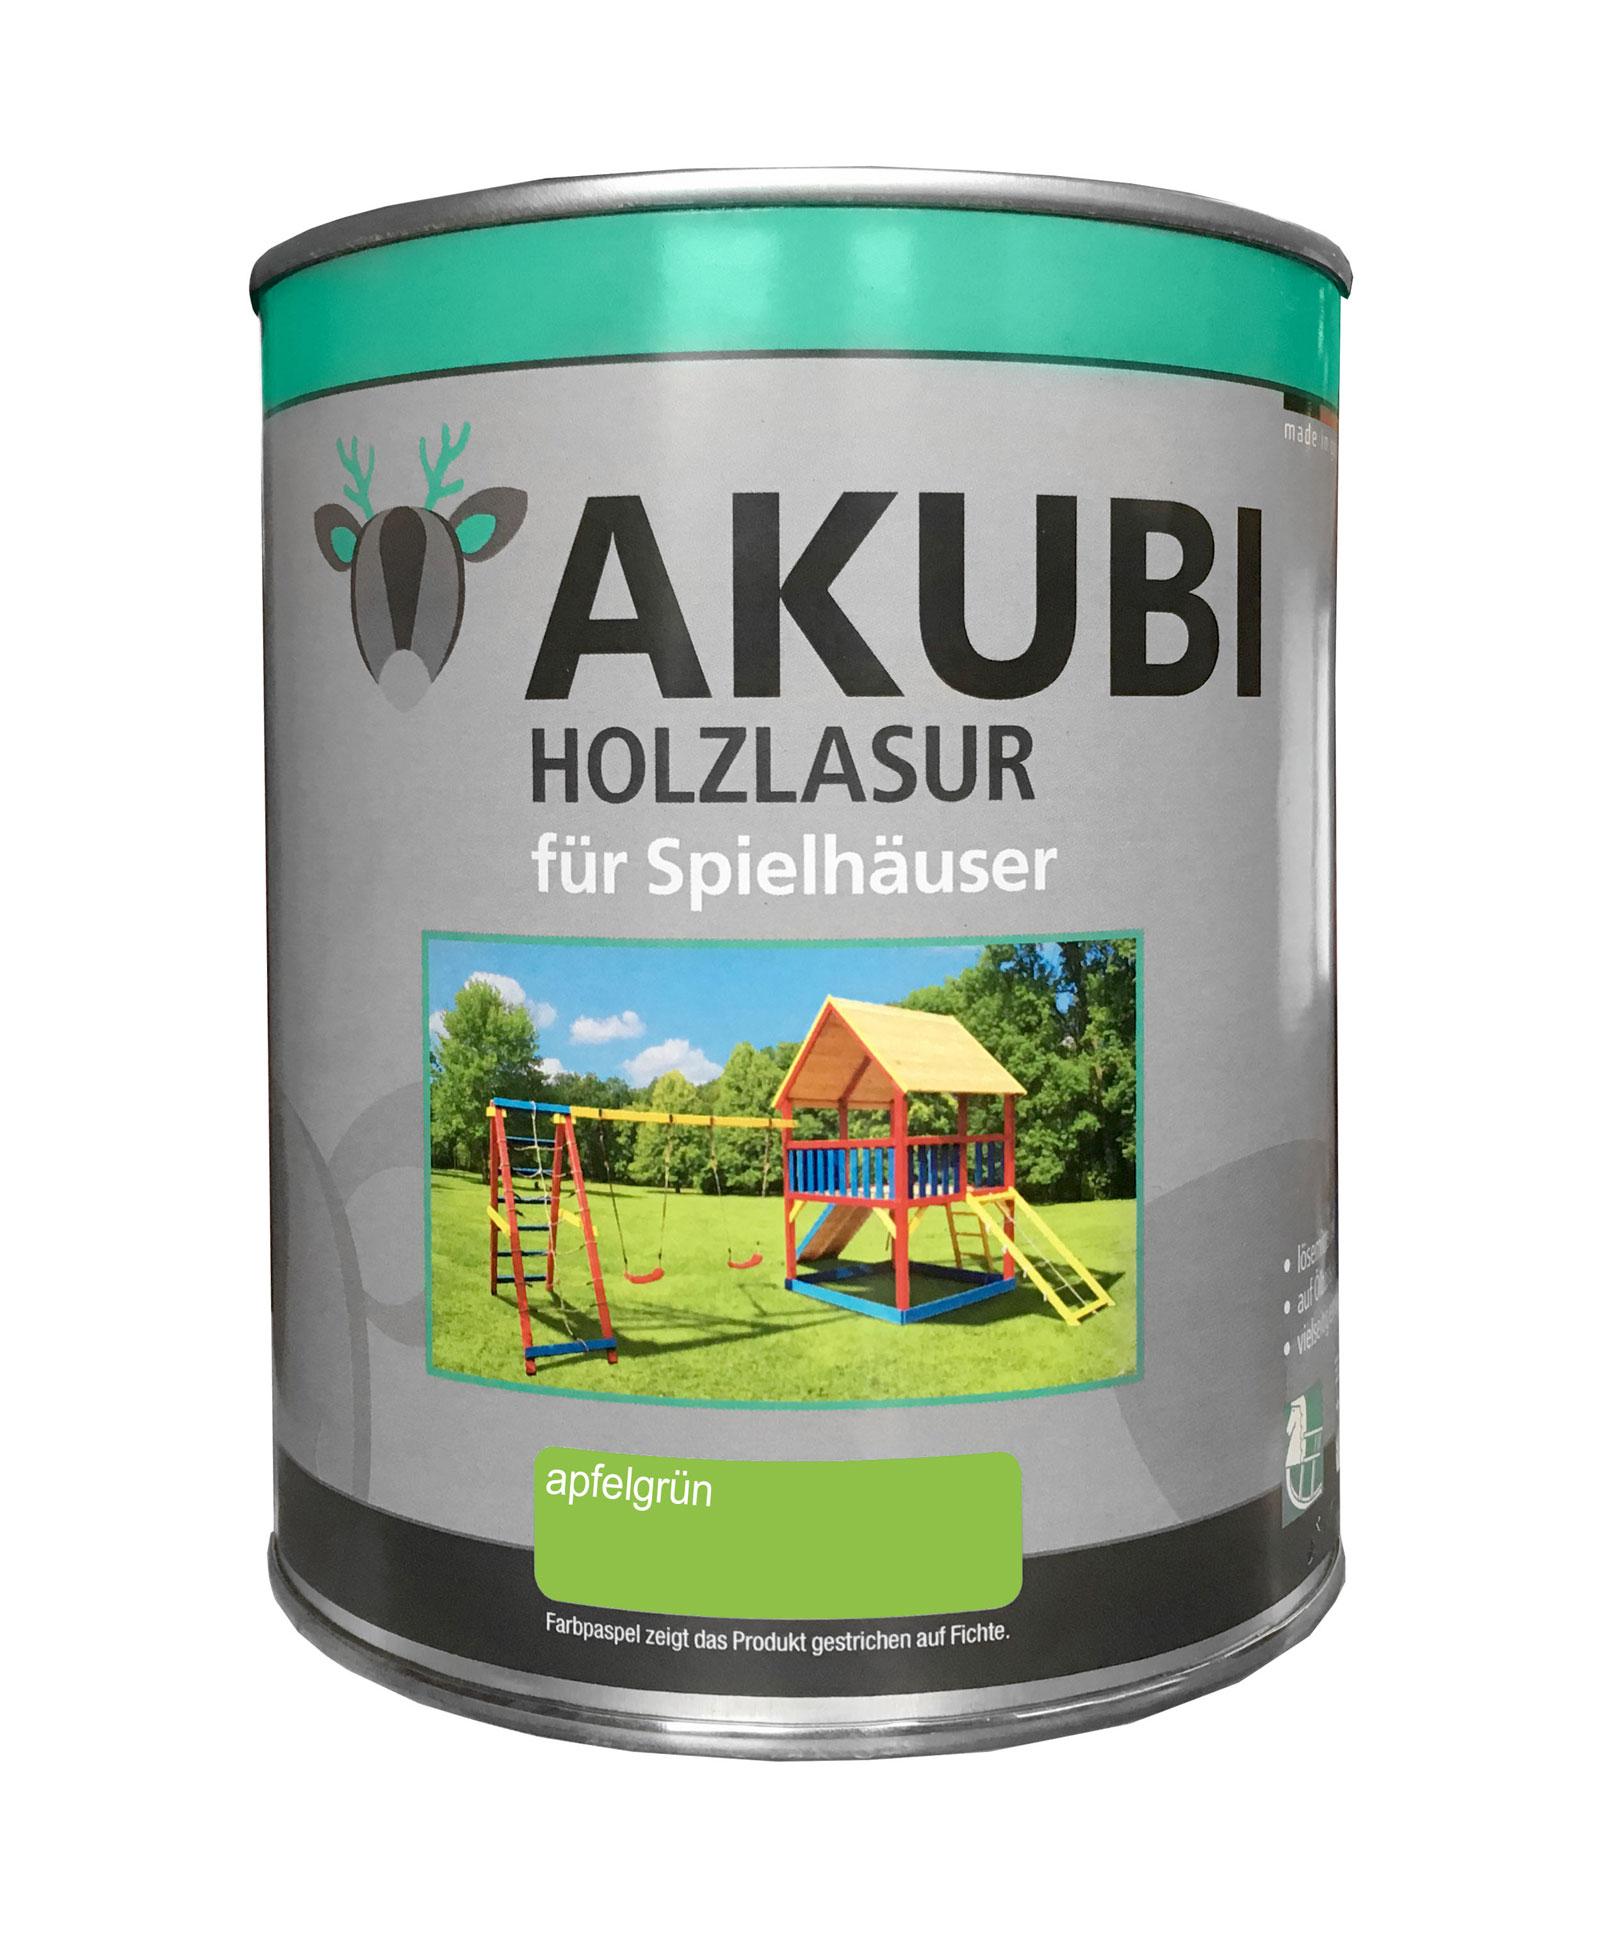 Karibu Akubi Holzlasur Set für Spielhäuser 750 ml apfelgrün Bild 1